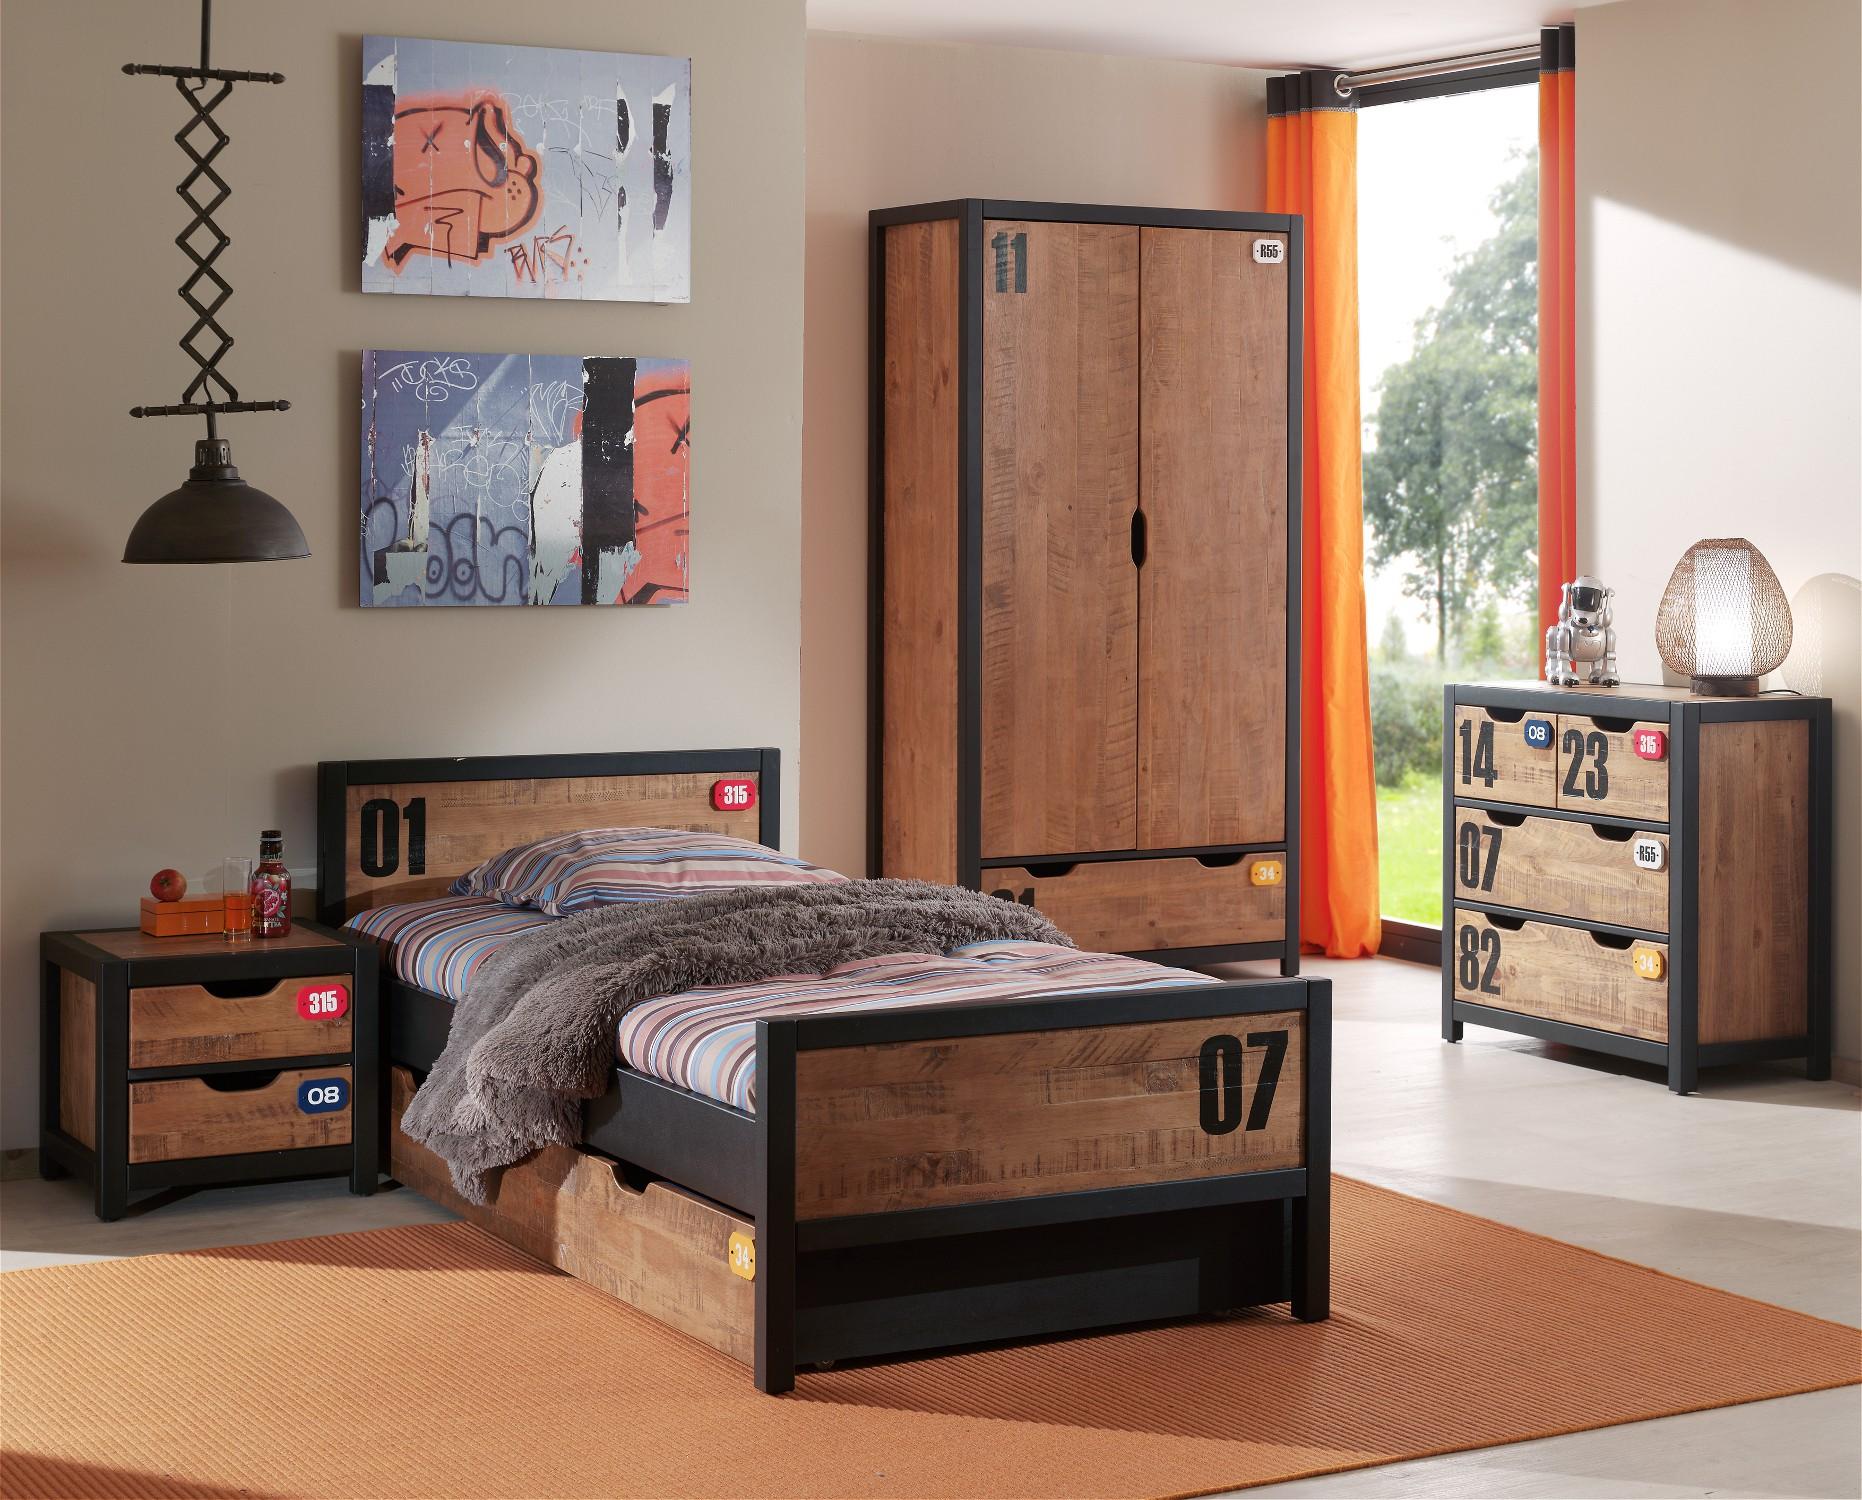 Jugendzimmer ALEX - komplett mit Einzelbett, Bettschublade ...